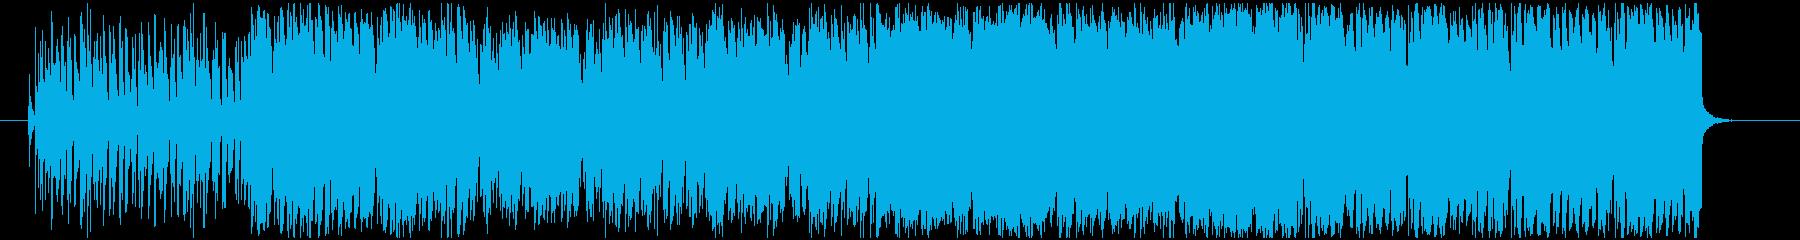 【明るいゲーム用BGM】常夏・ビーチの再生済みの波形